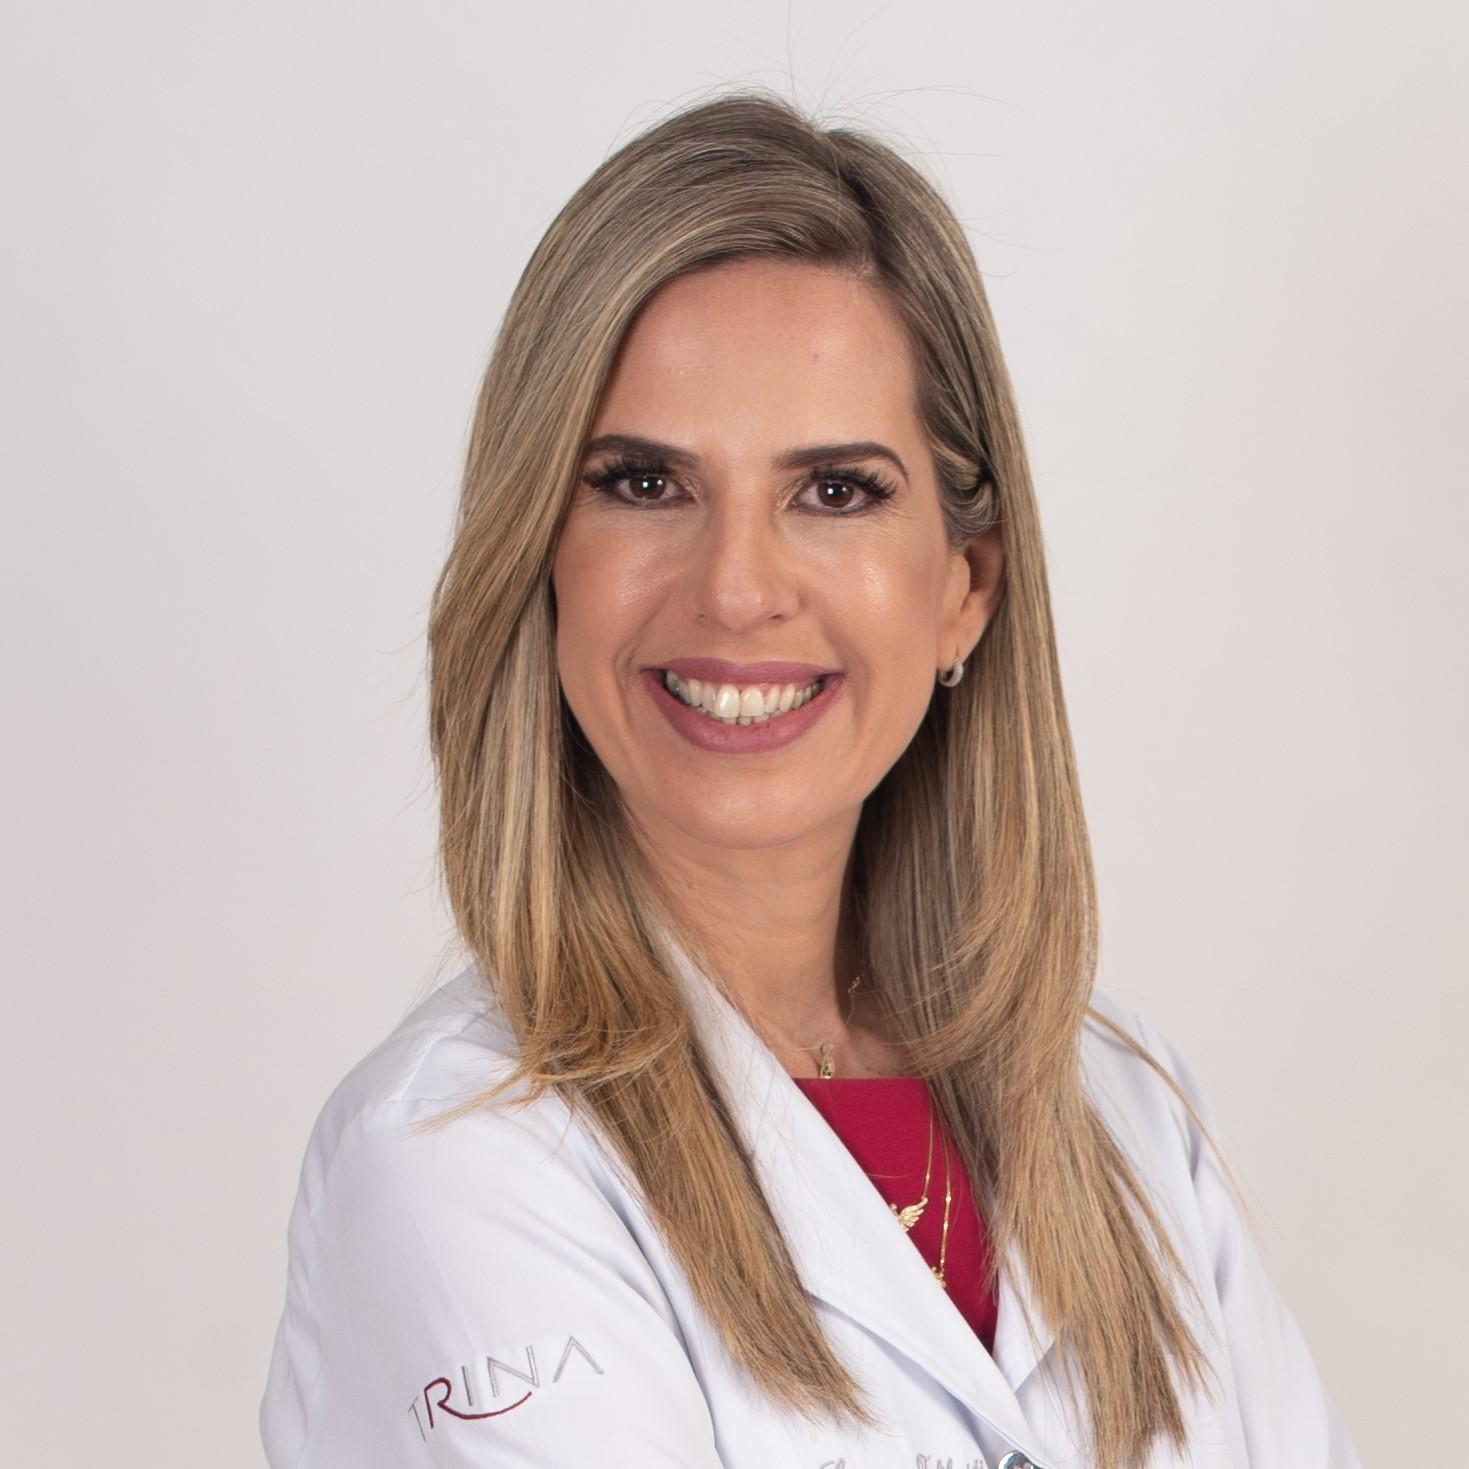 Dra. Luciana Taliberti